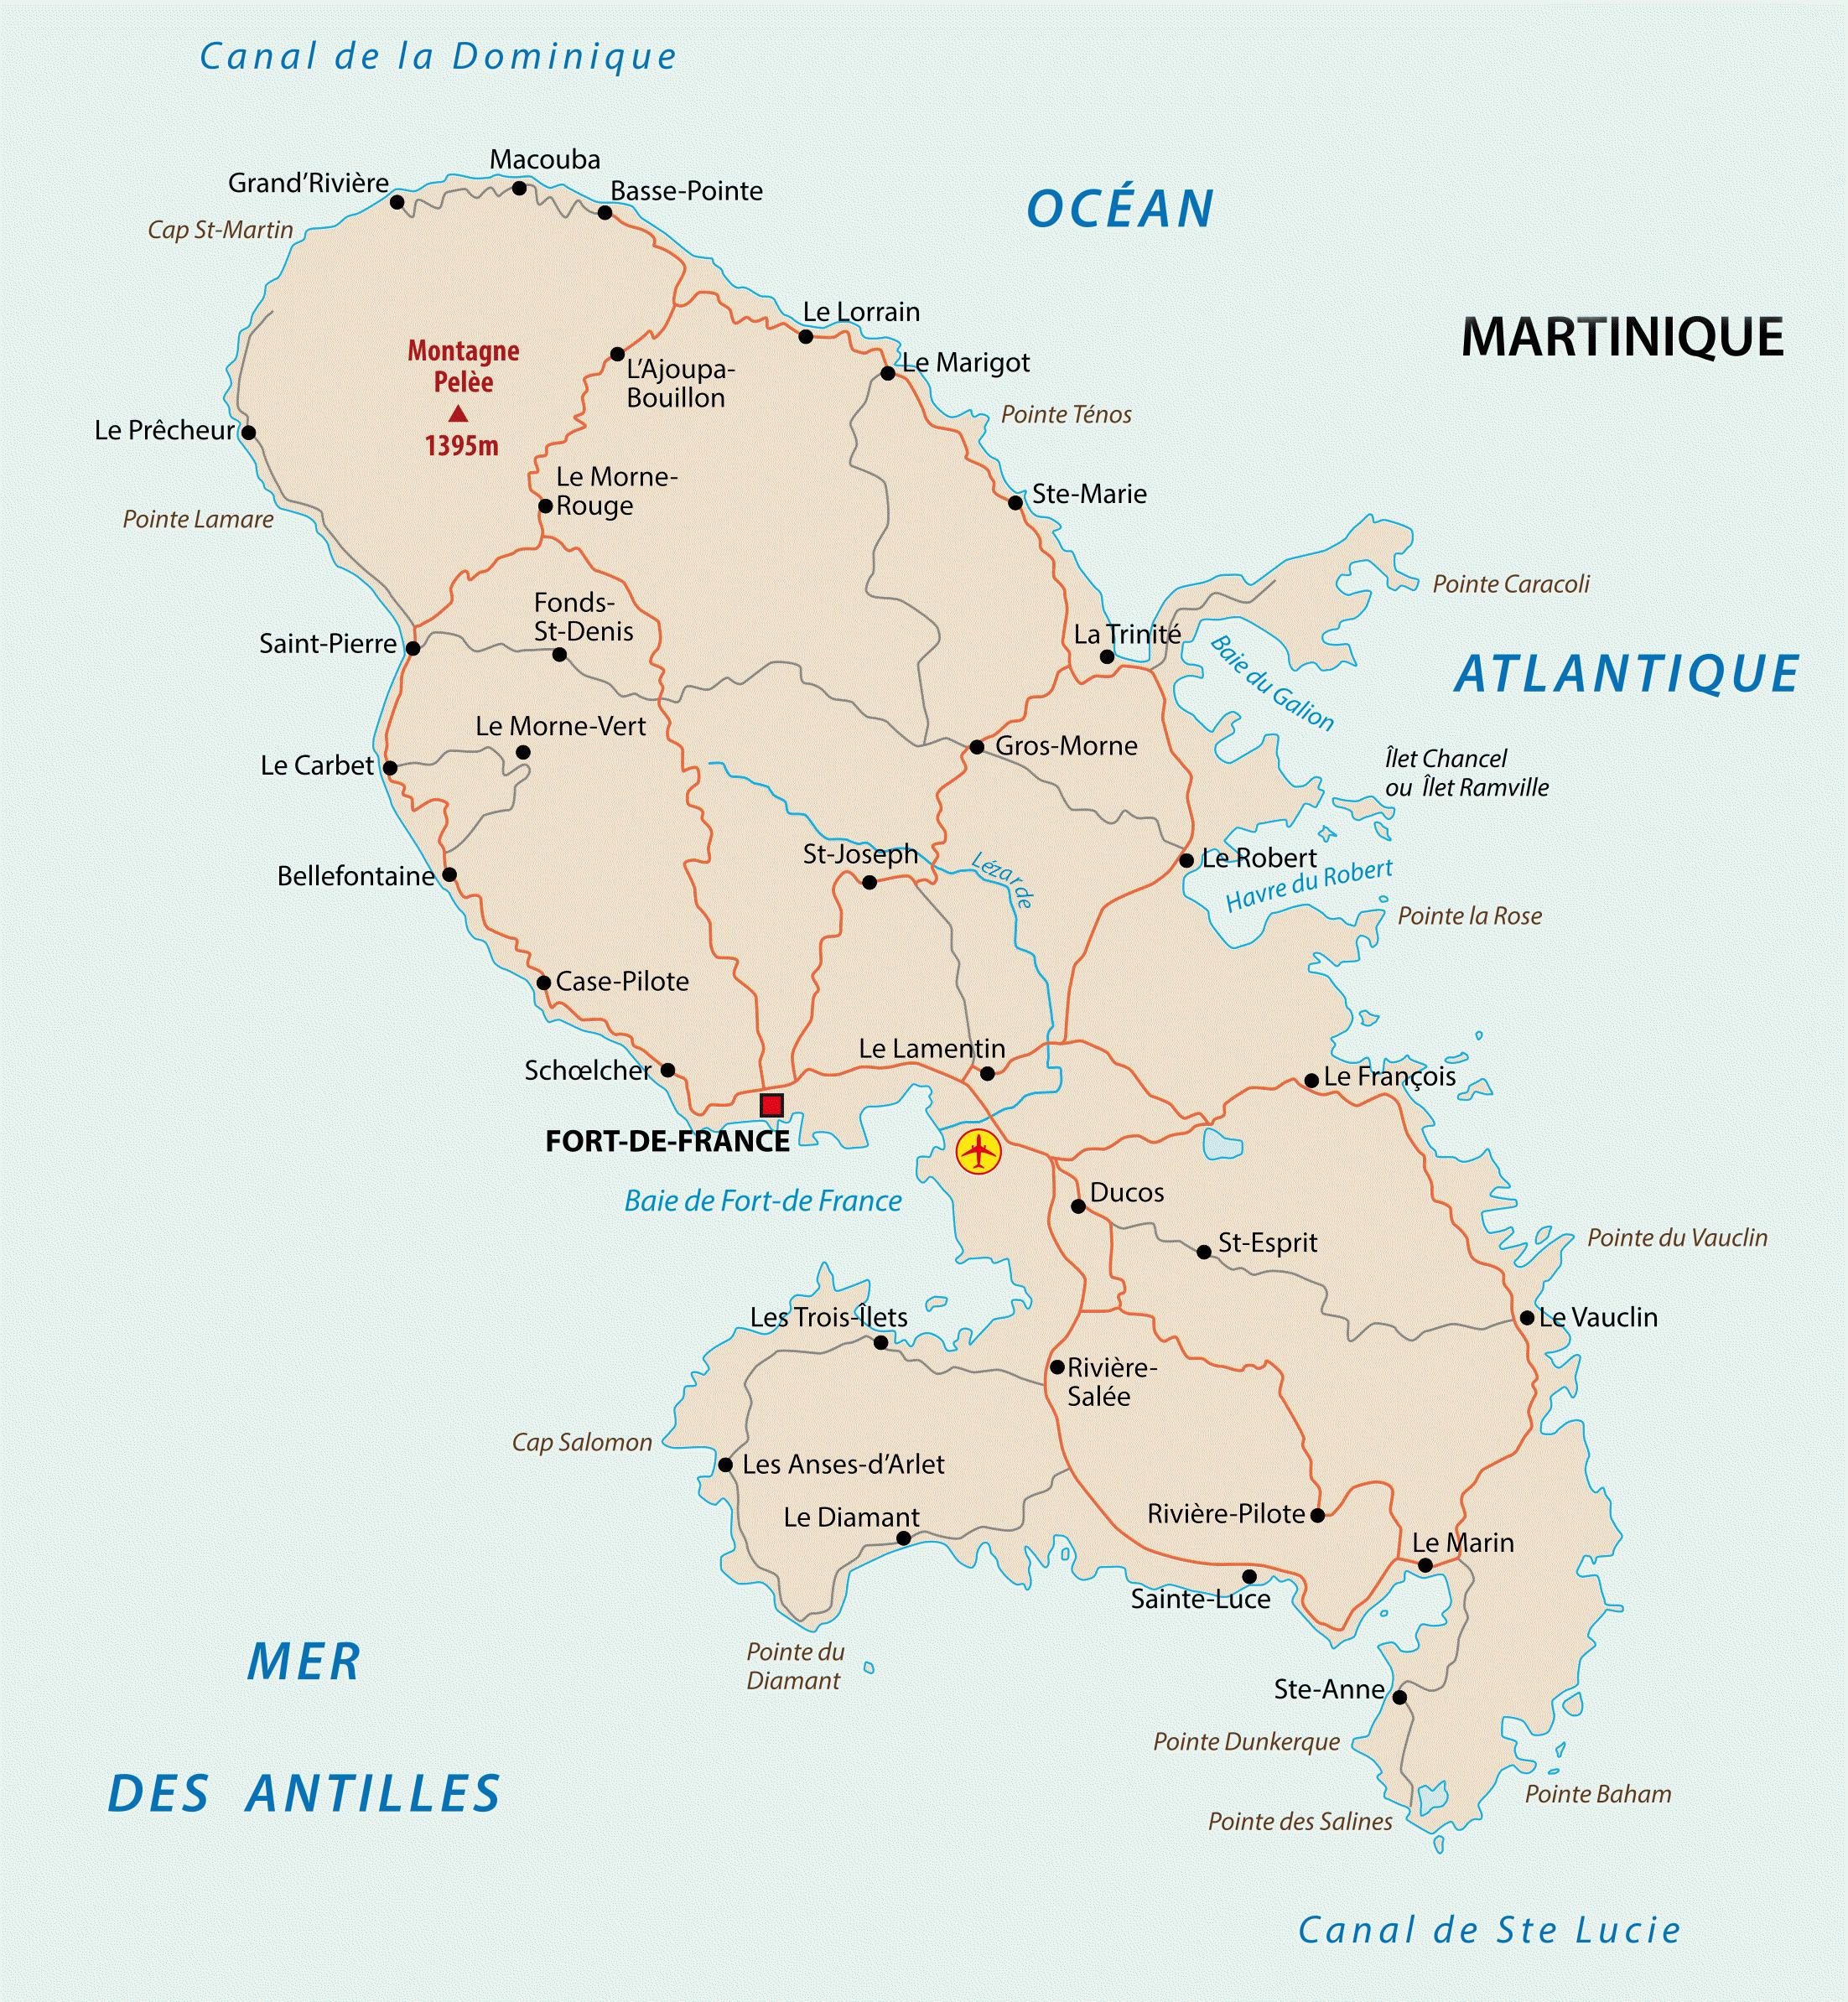 carte martinique geographique